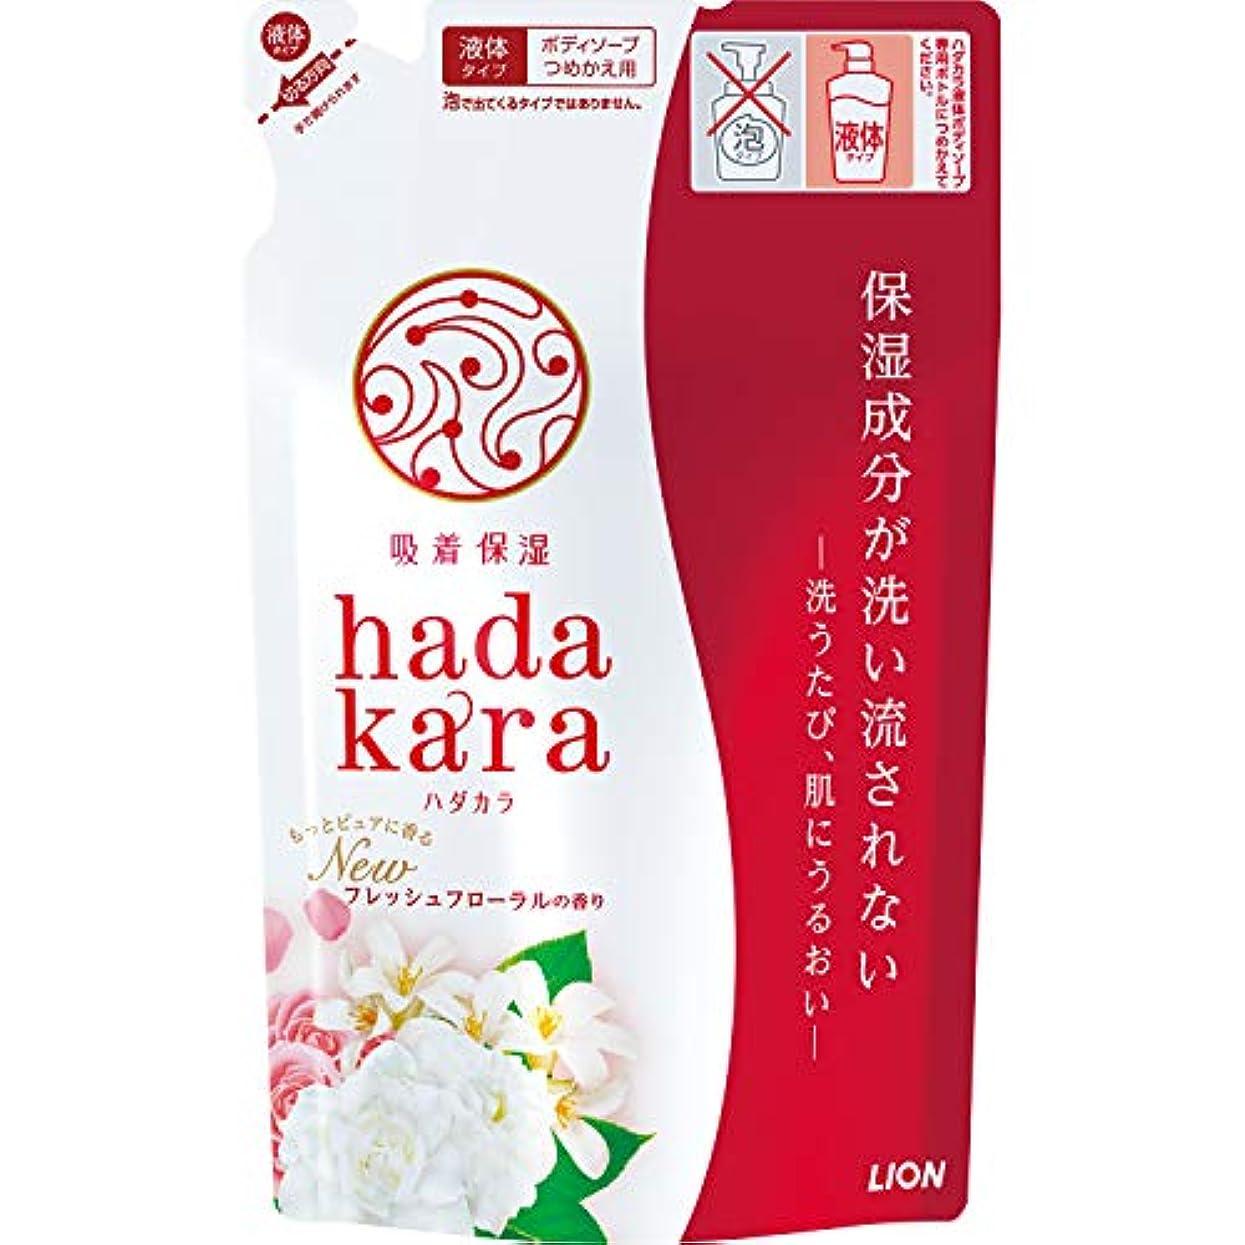 モート話す娘hadakara(ハダカラ) ボディソープ フローラルブーケの香り 詰め替え 360ml